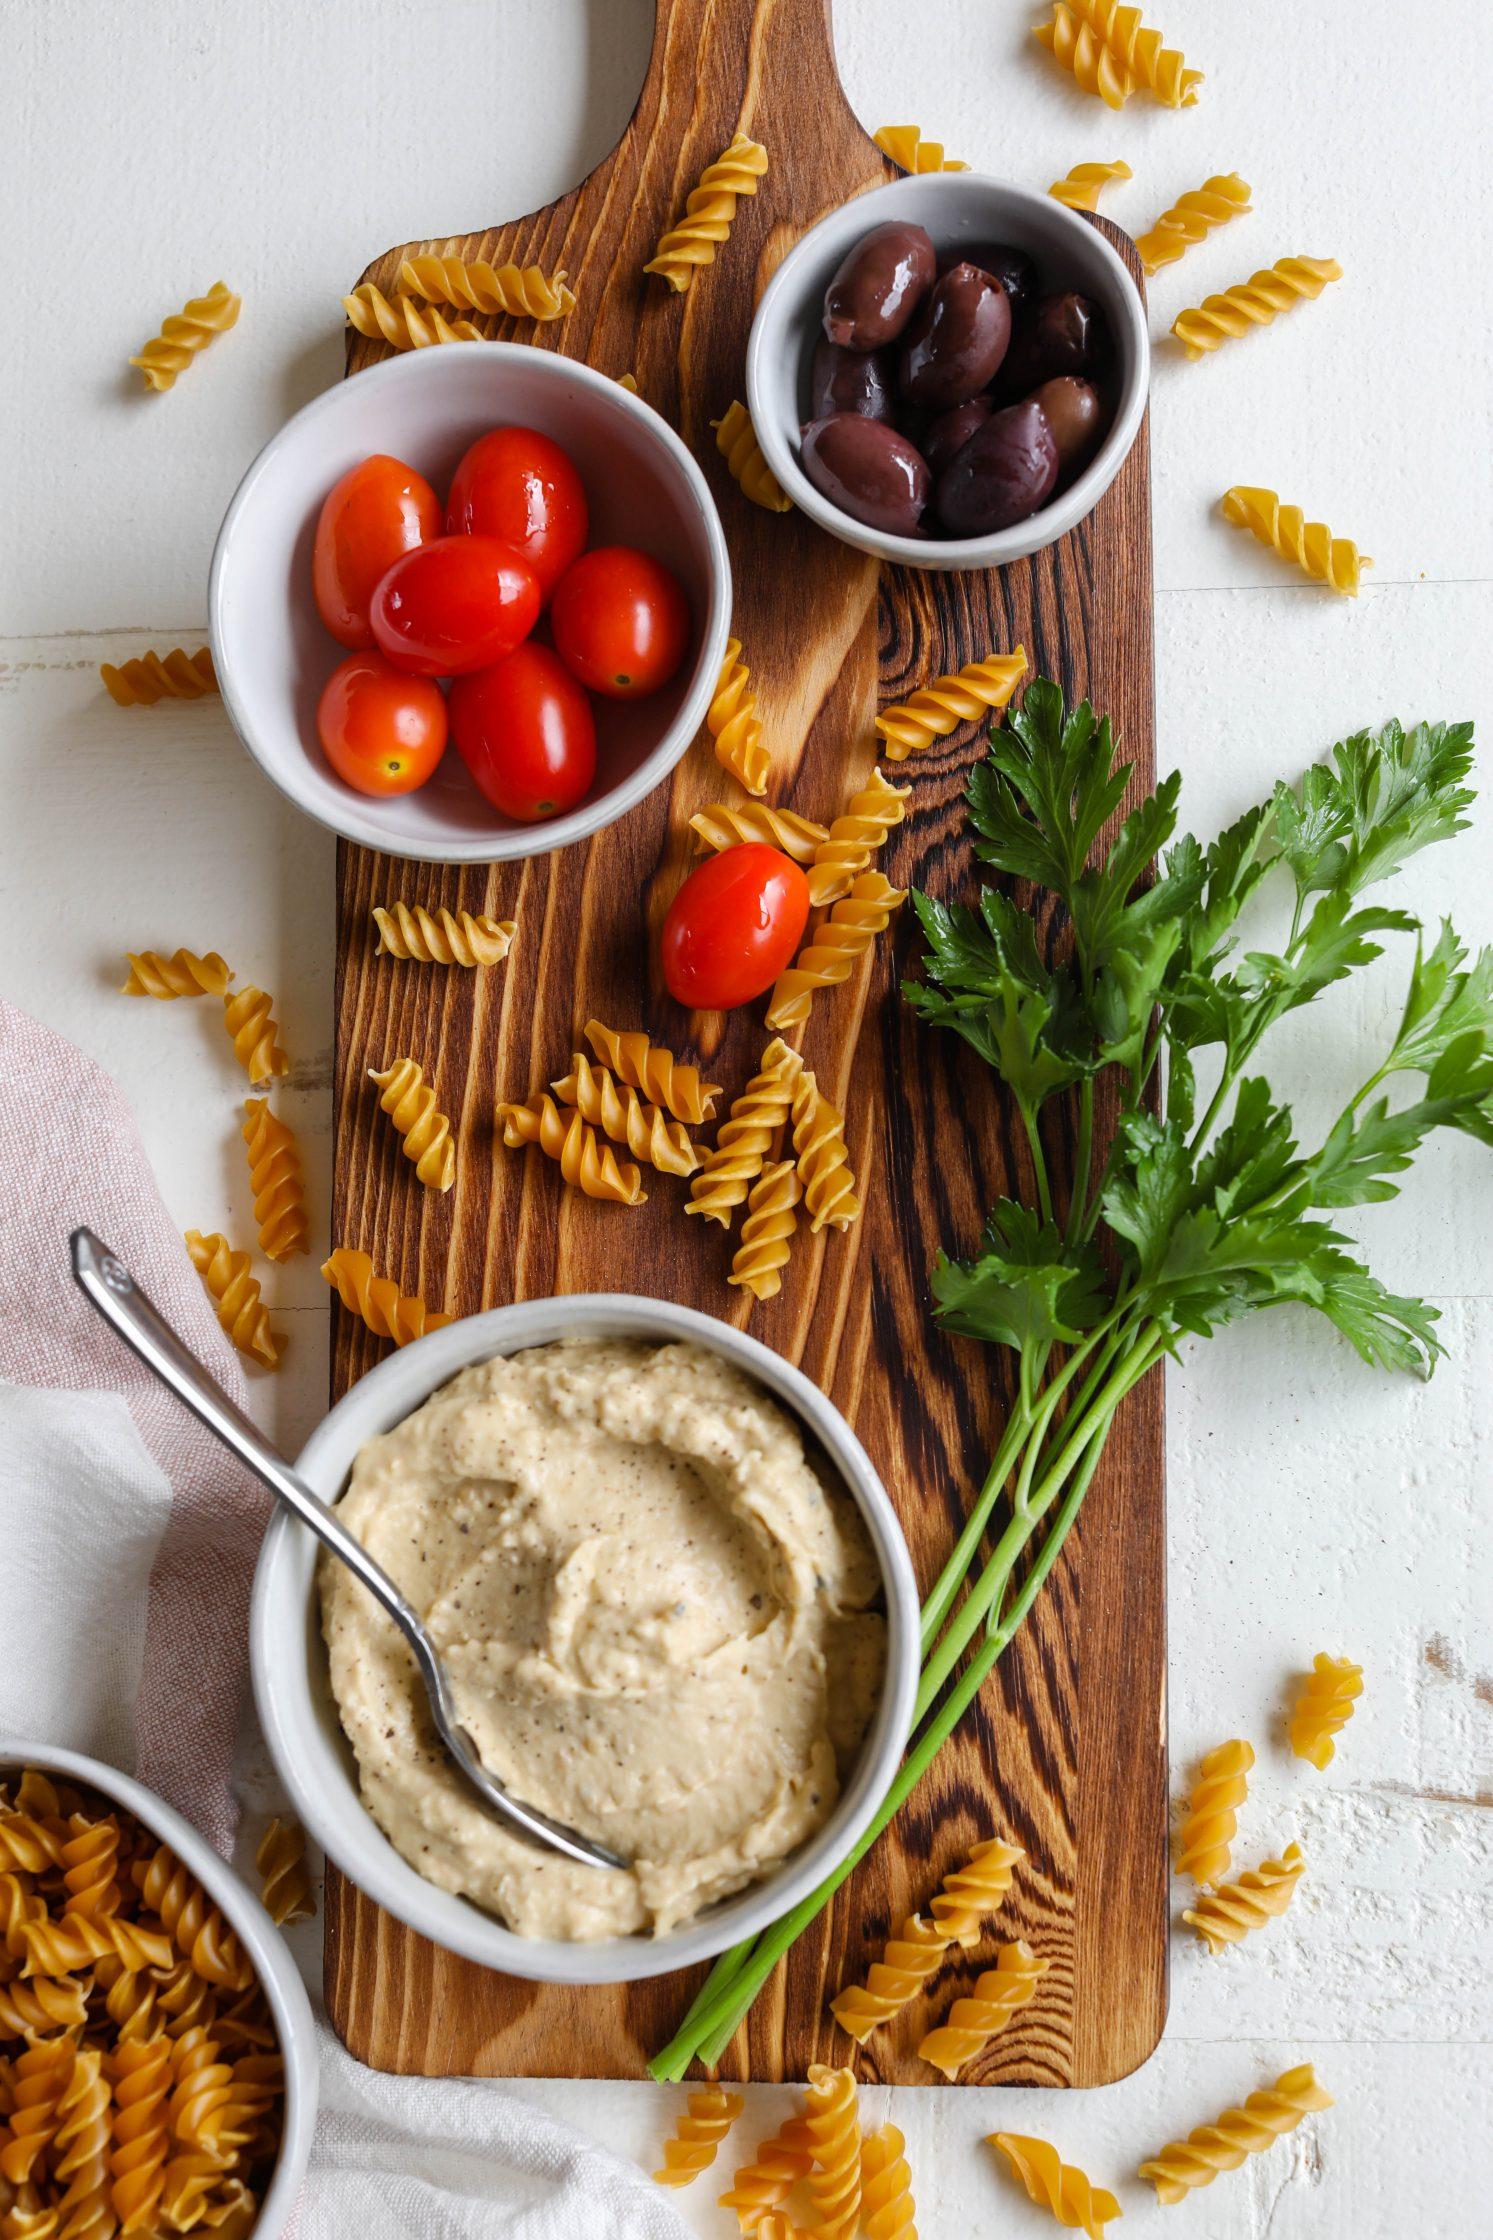 1-Bowl Hummus Pasta Salad Ingredients